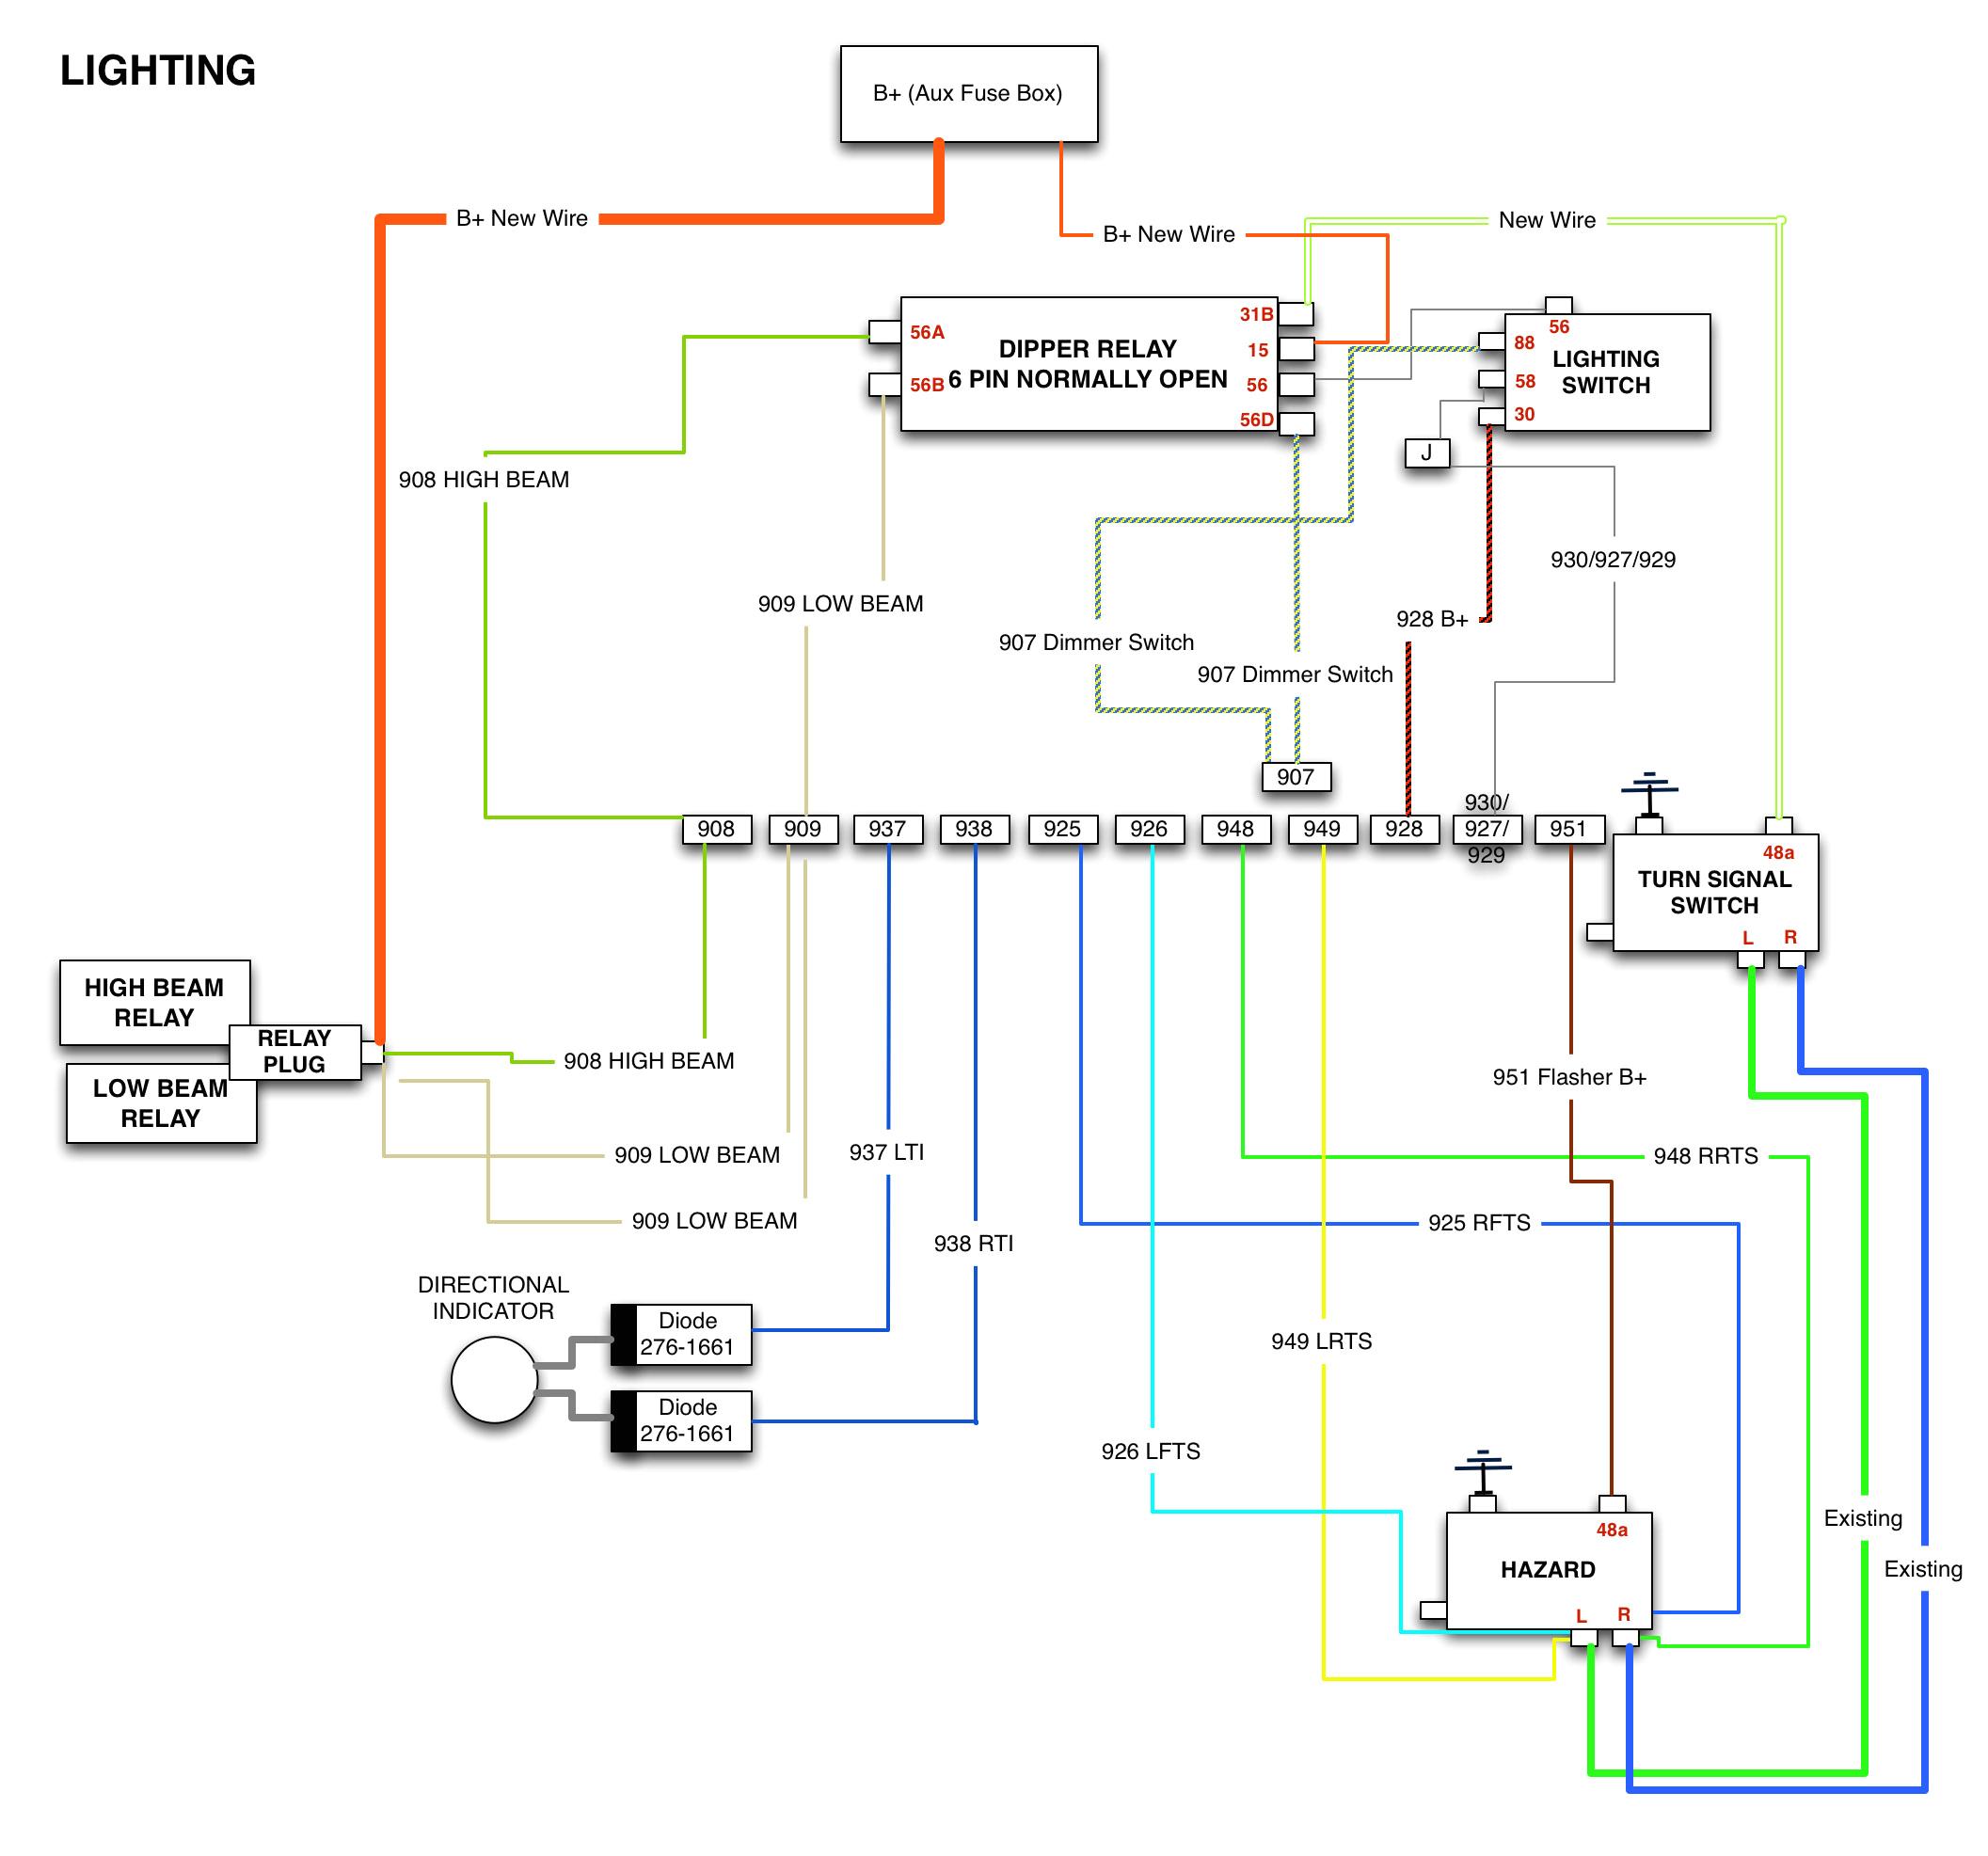 cooper lighting wiring diagrams wiring diagrams konsult cooper emergency lighting wiring diagram cooper lighting wiring diagrams